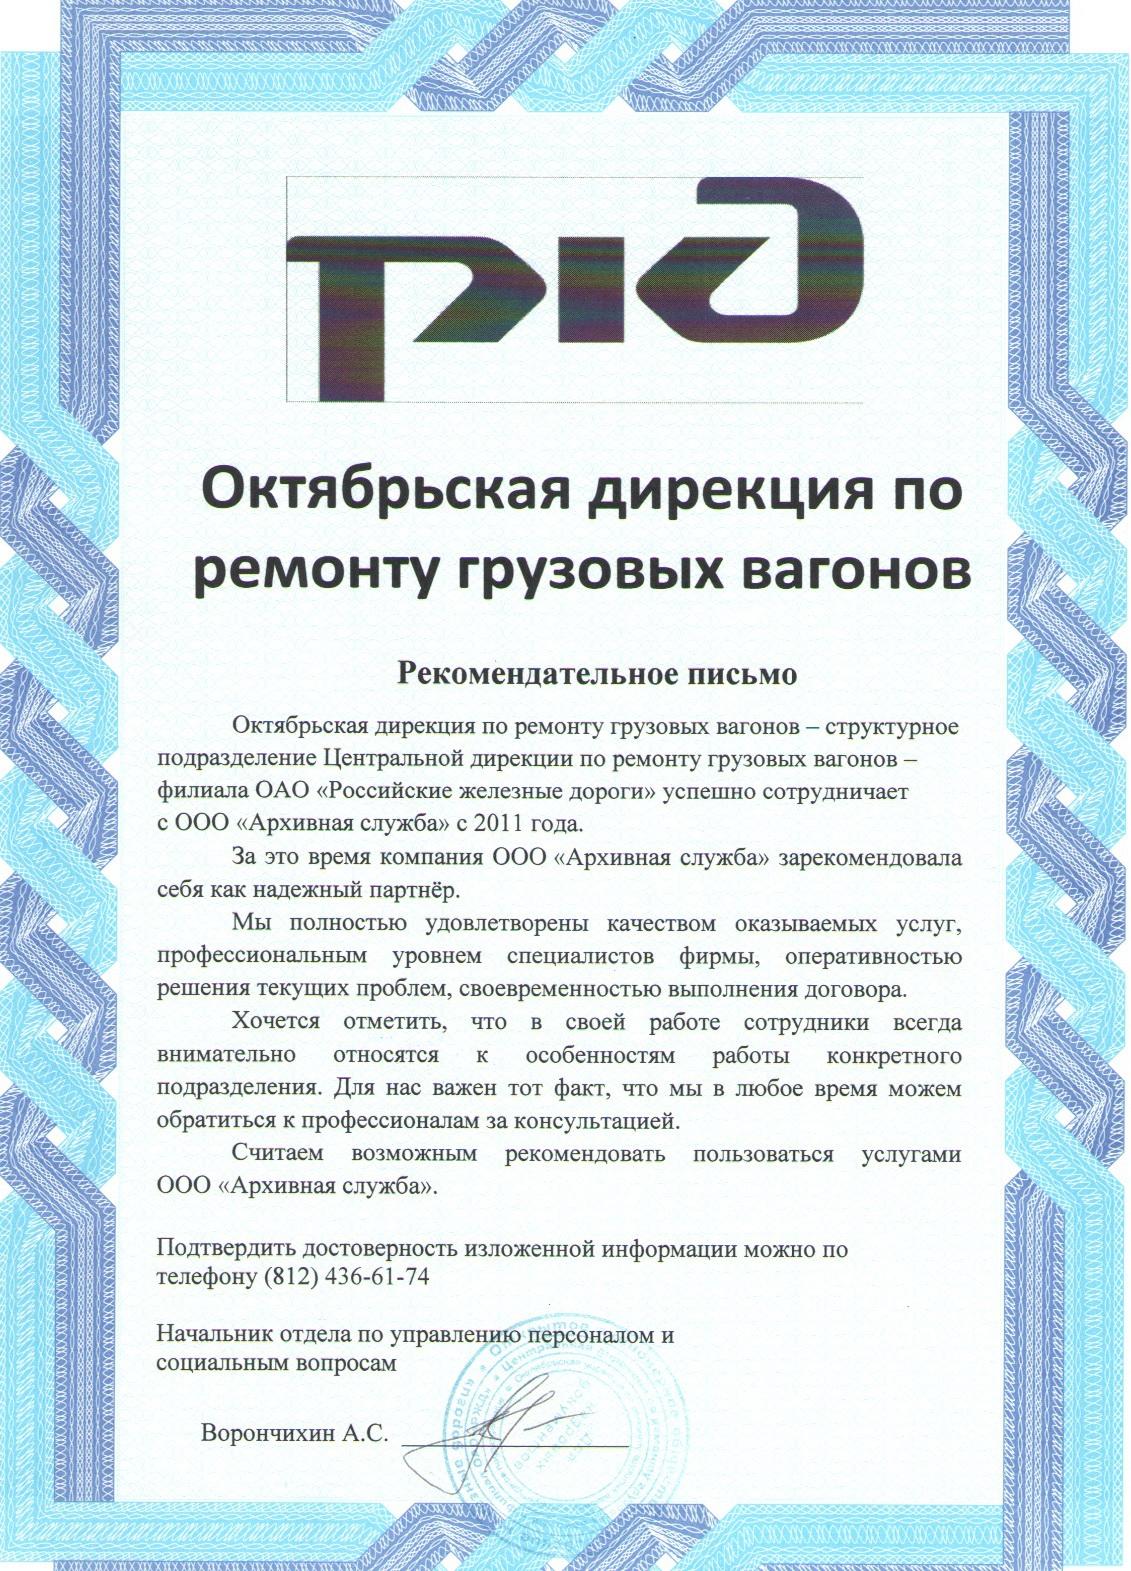 РЖД - Октябрьская дирекция по ремонту грузовых вагонов